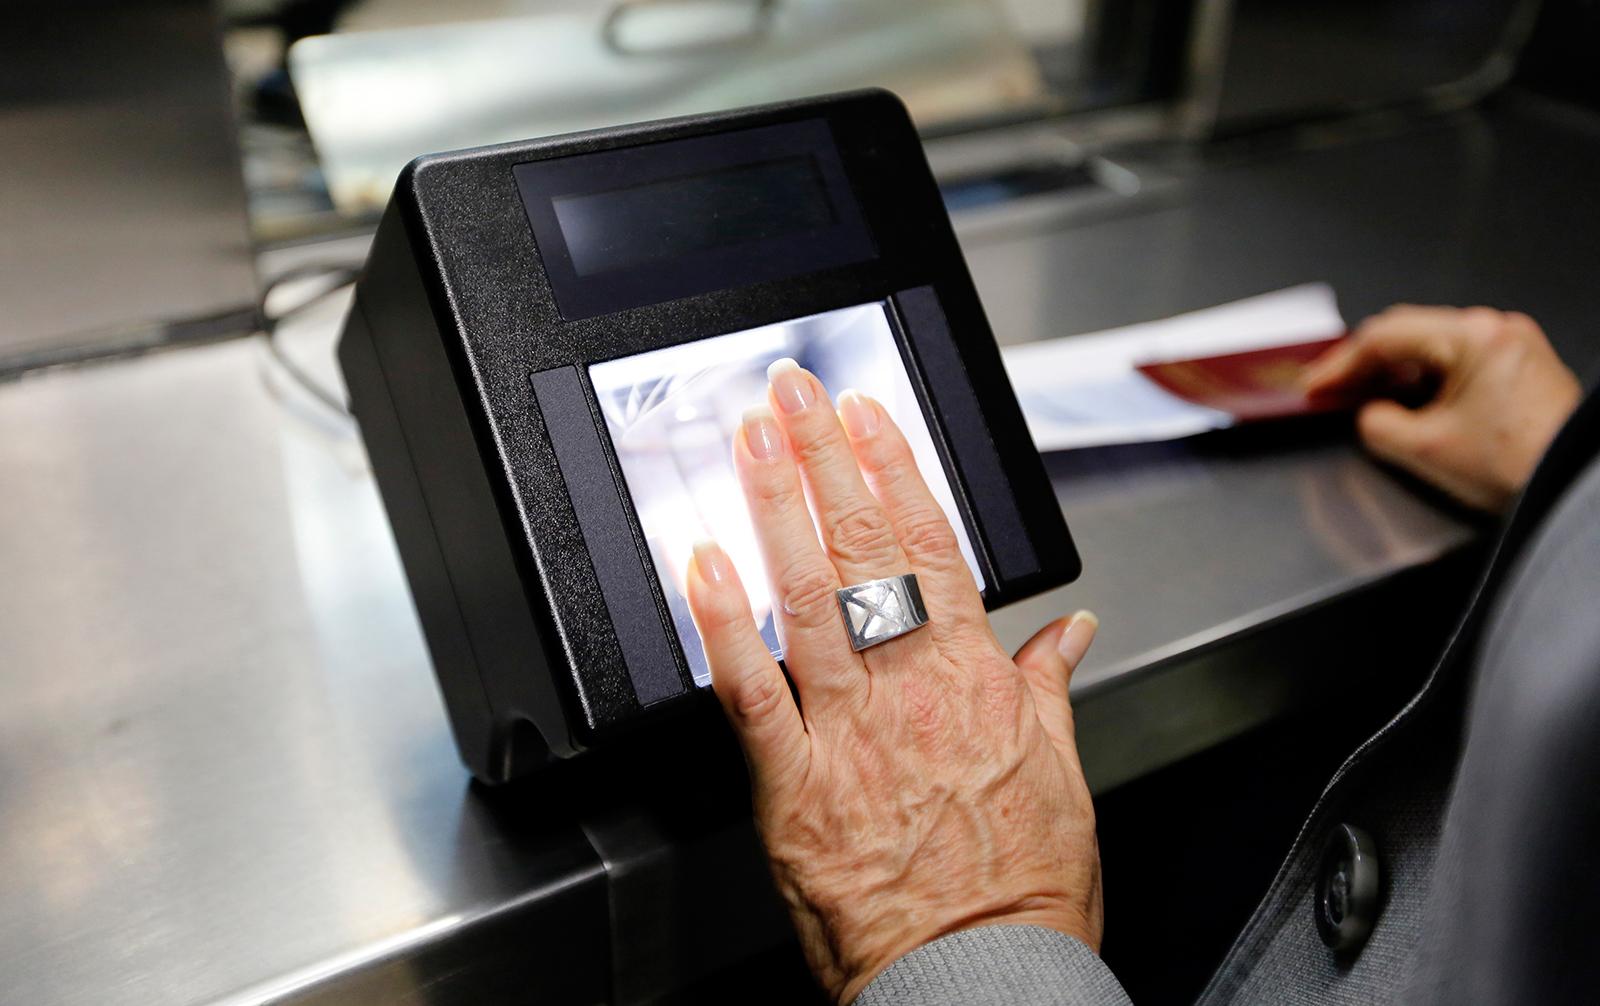 Кредит по фотографии: для банков построили единую систему индентификации клиентов